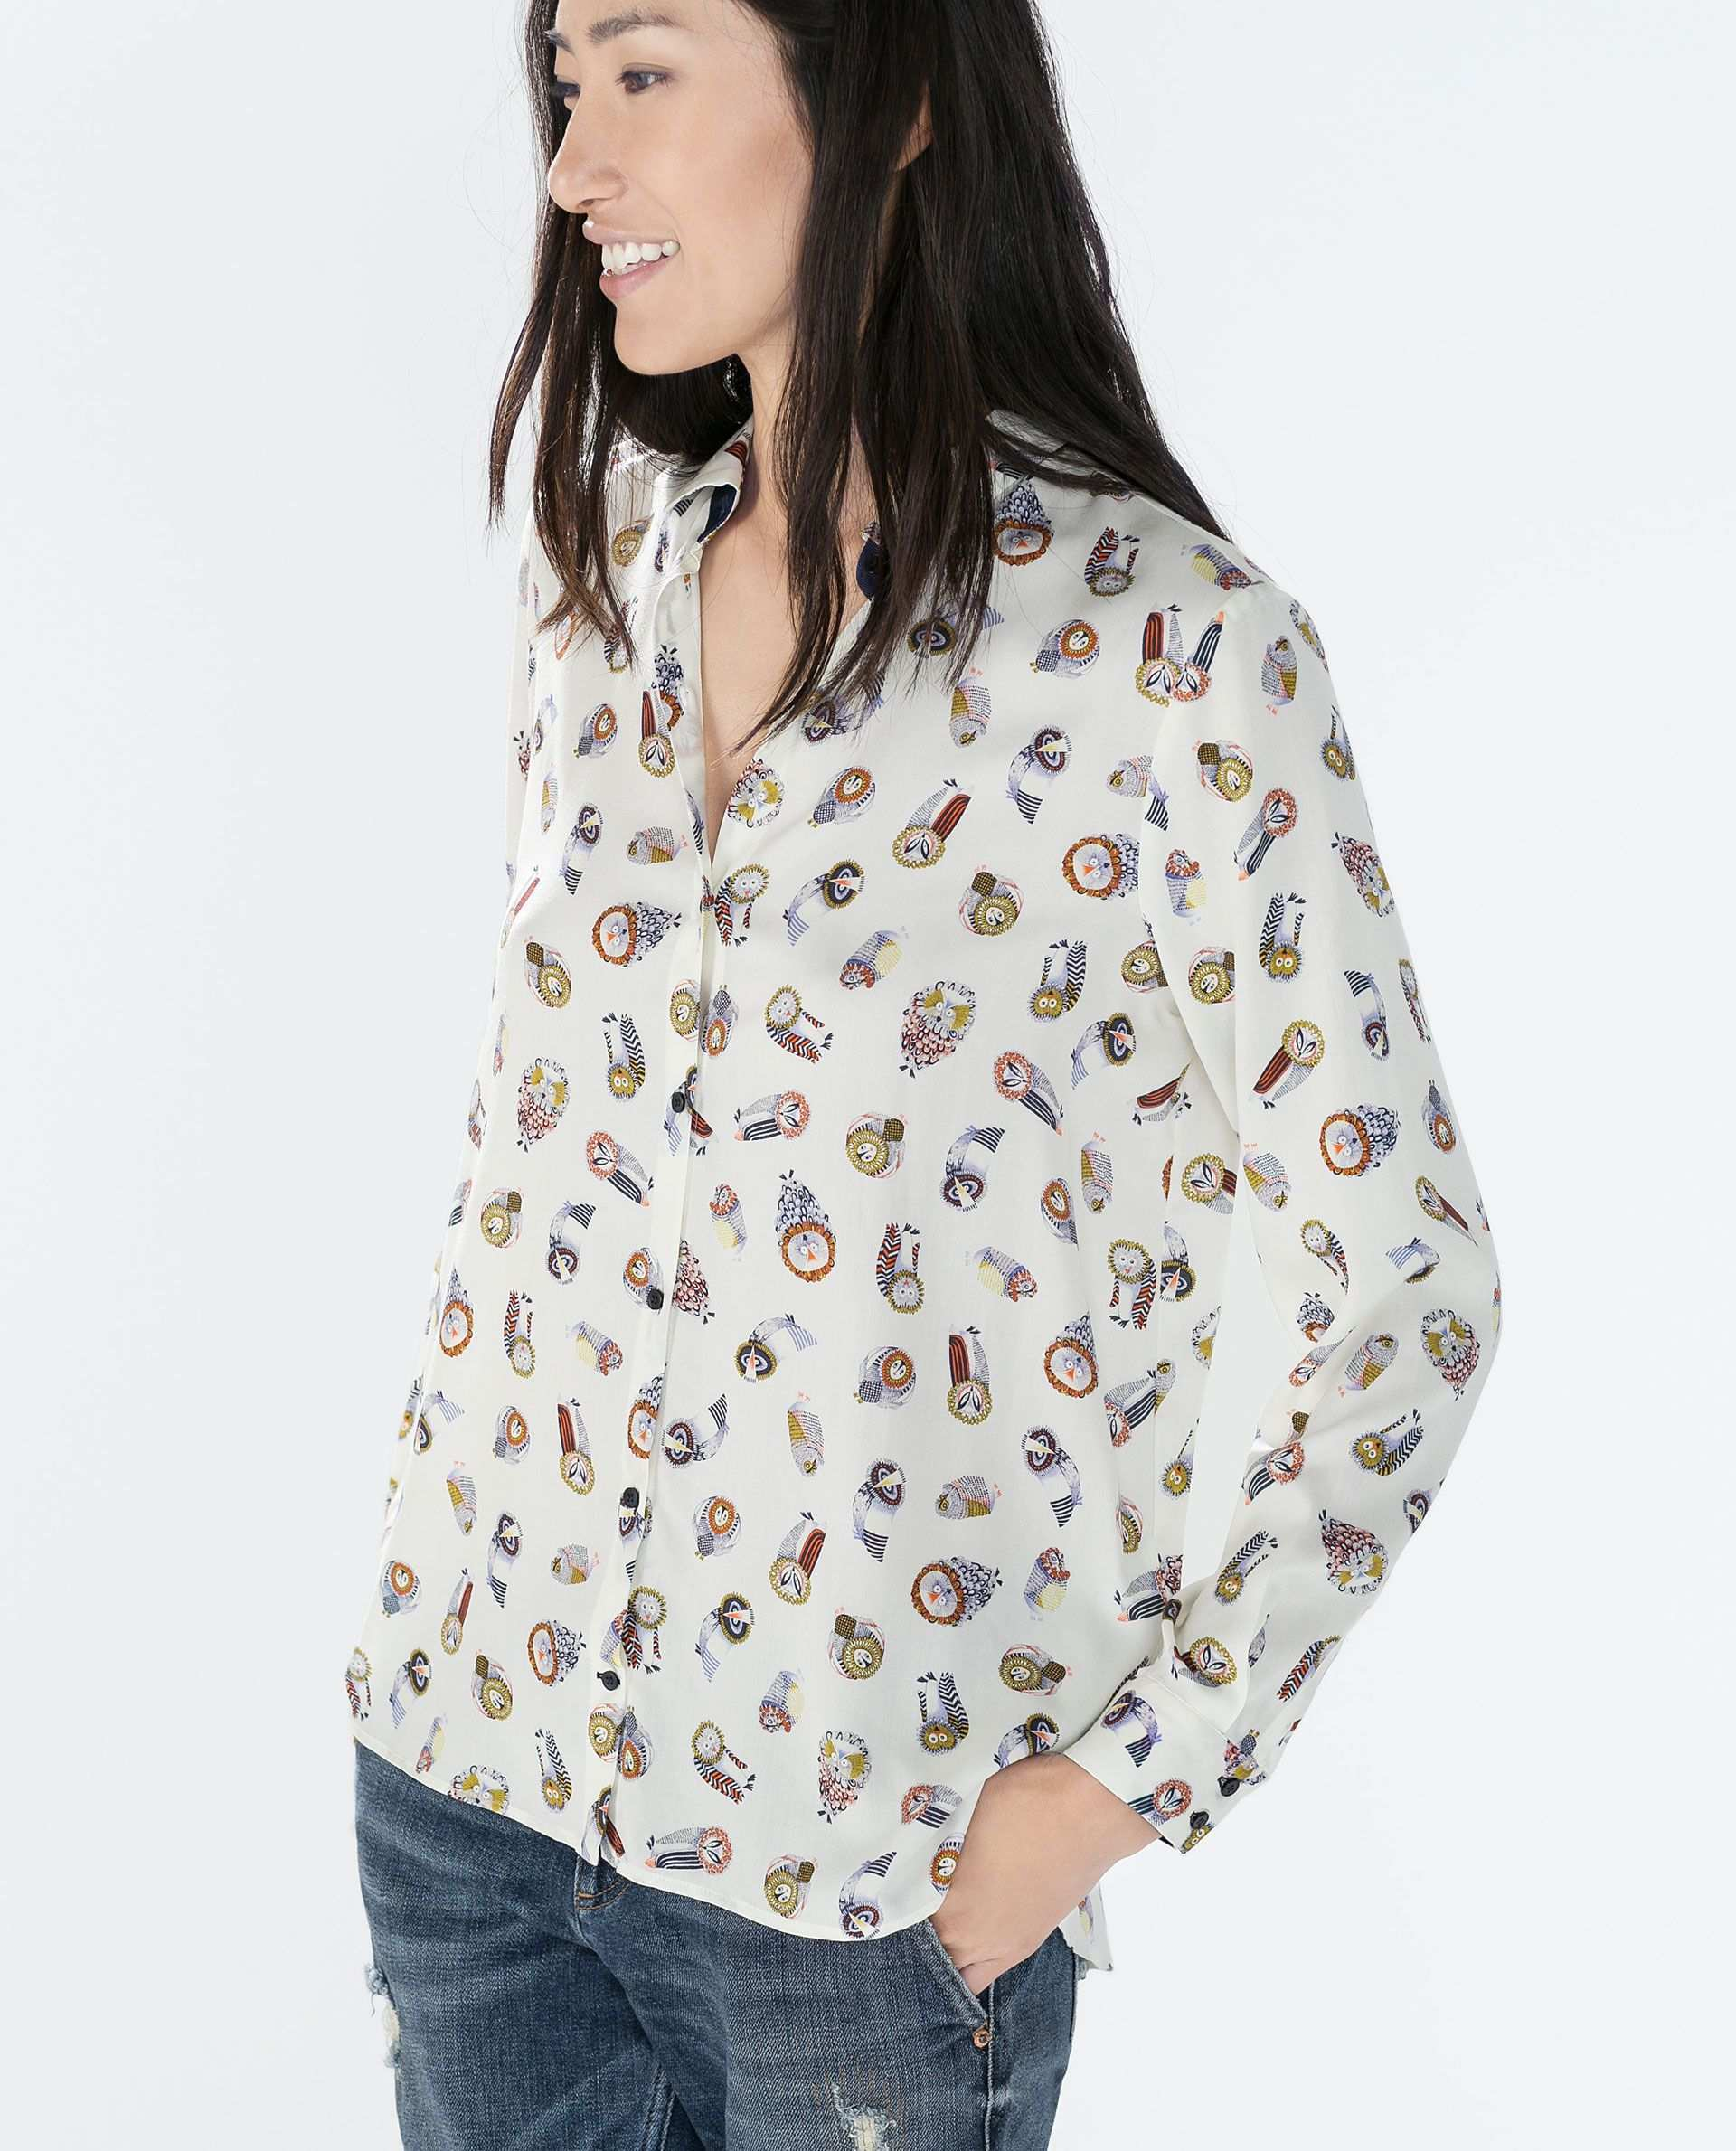 Zara Damen Bluse Mit Eulenmuster Blusen Mit Blumenmuster Frauen Shirt Zara Tops